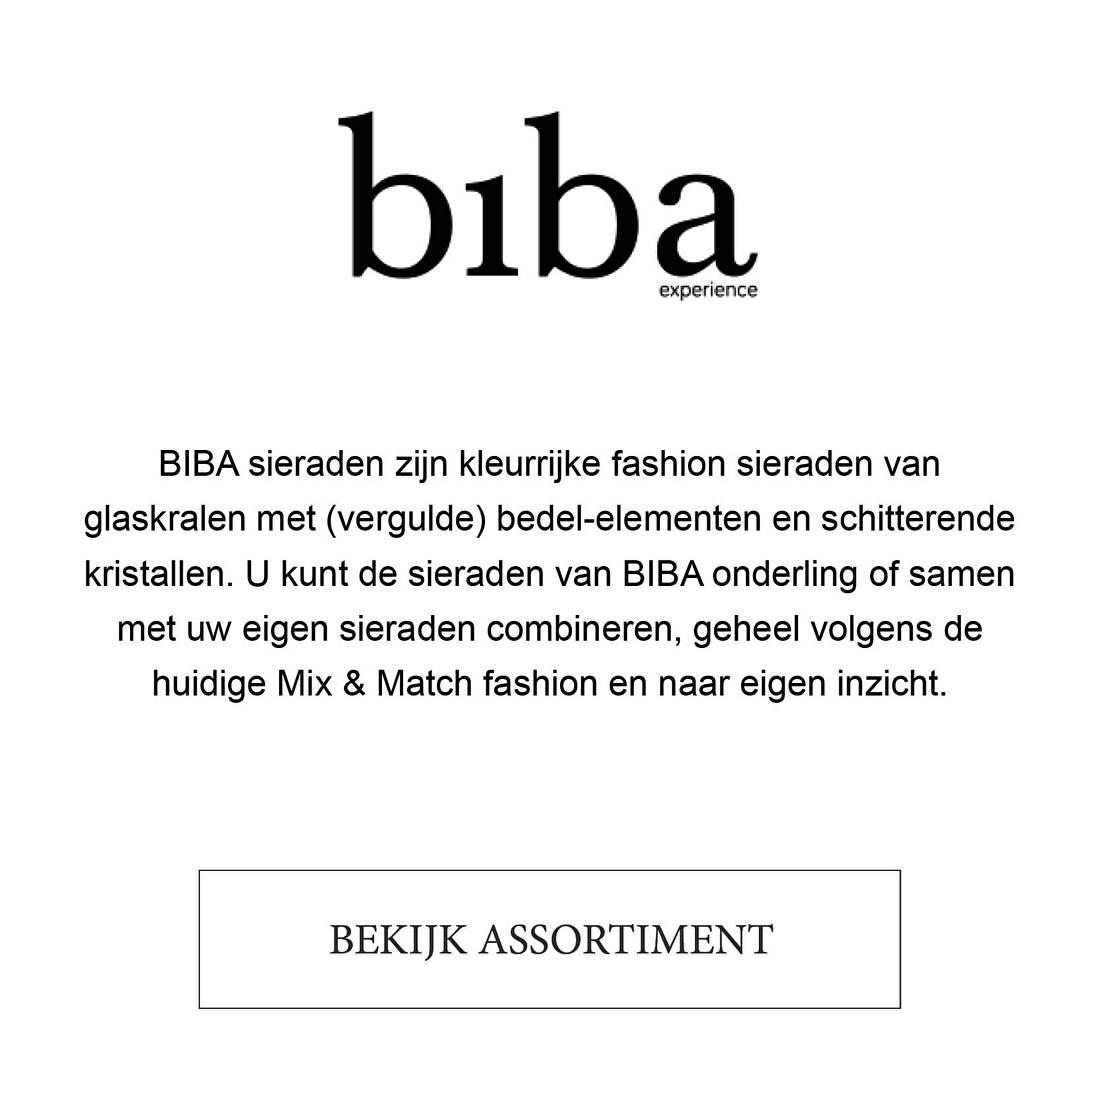 BIBA sieraden zijn kleurrijke fashion sieraden van glaskralen met (vergulde) bedel-elementen en schitterende kristallen. U kunt de sieraden van BIBA onderling of samen met uw eigen sieraden combineren, geheel volgens de huidige Mix & Match fashion en naar eigen inzicht.